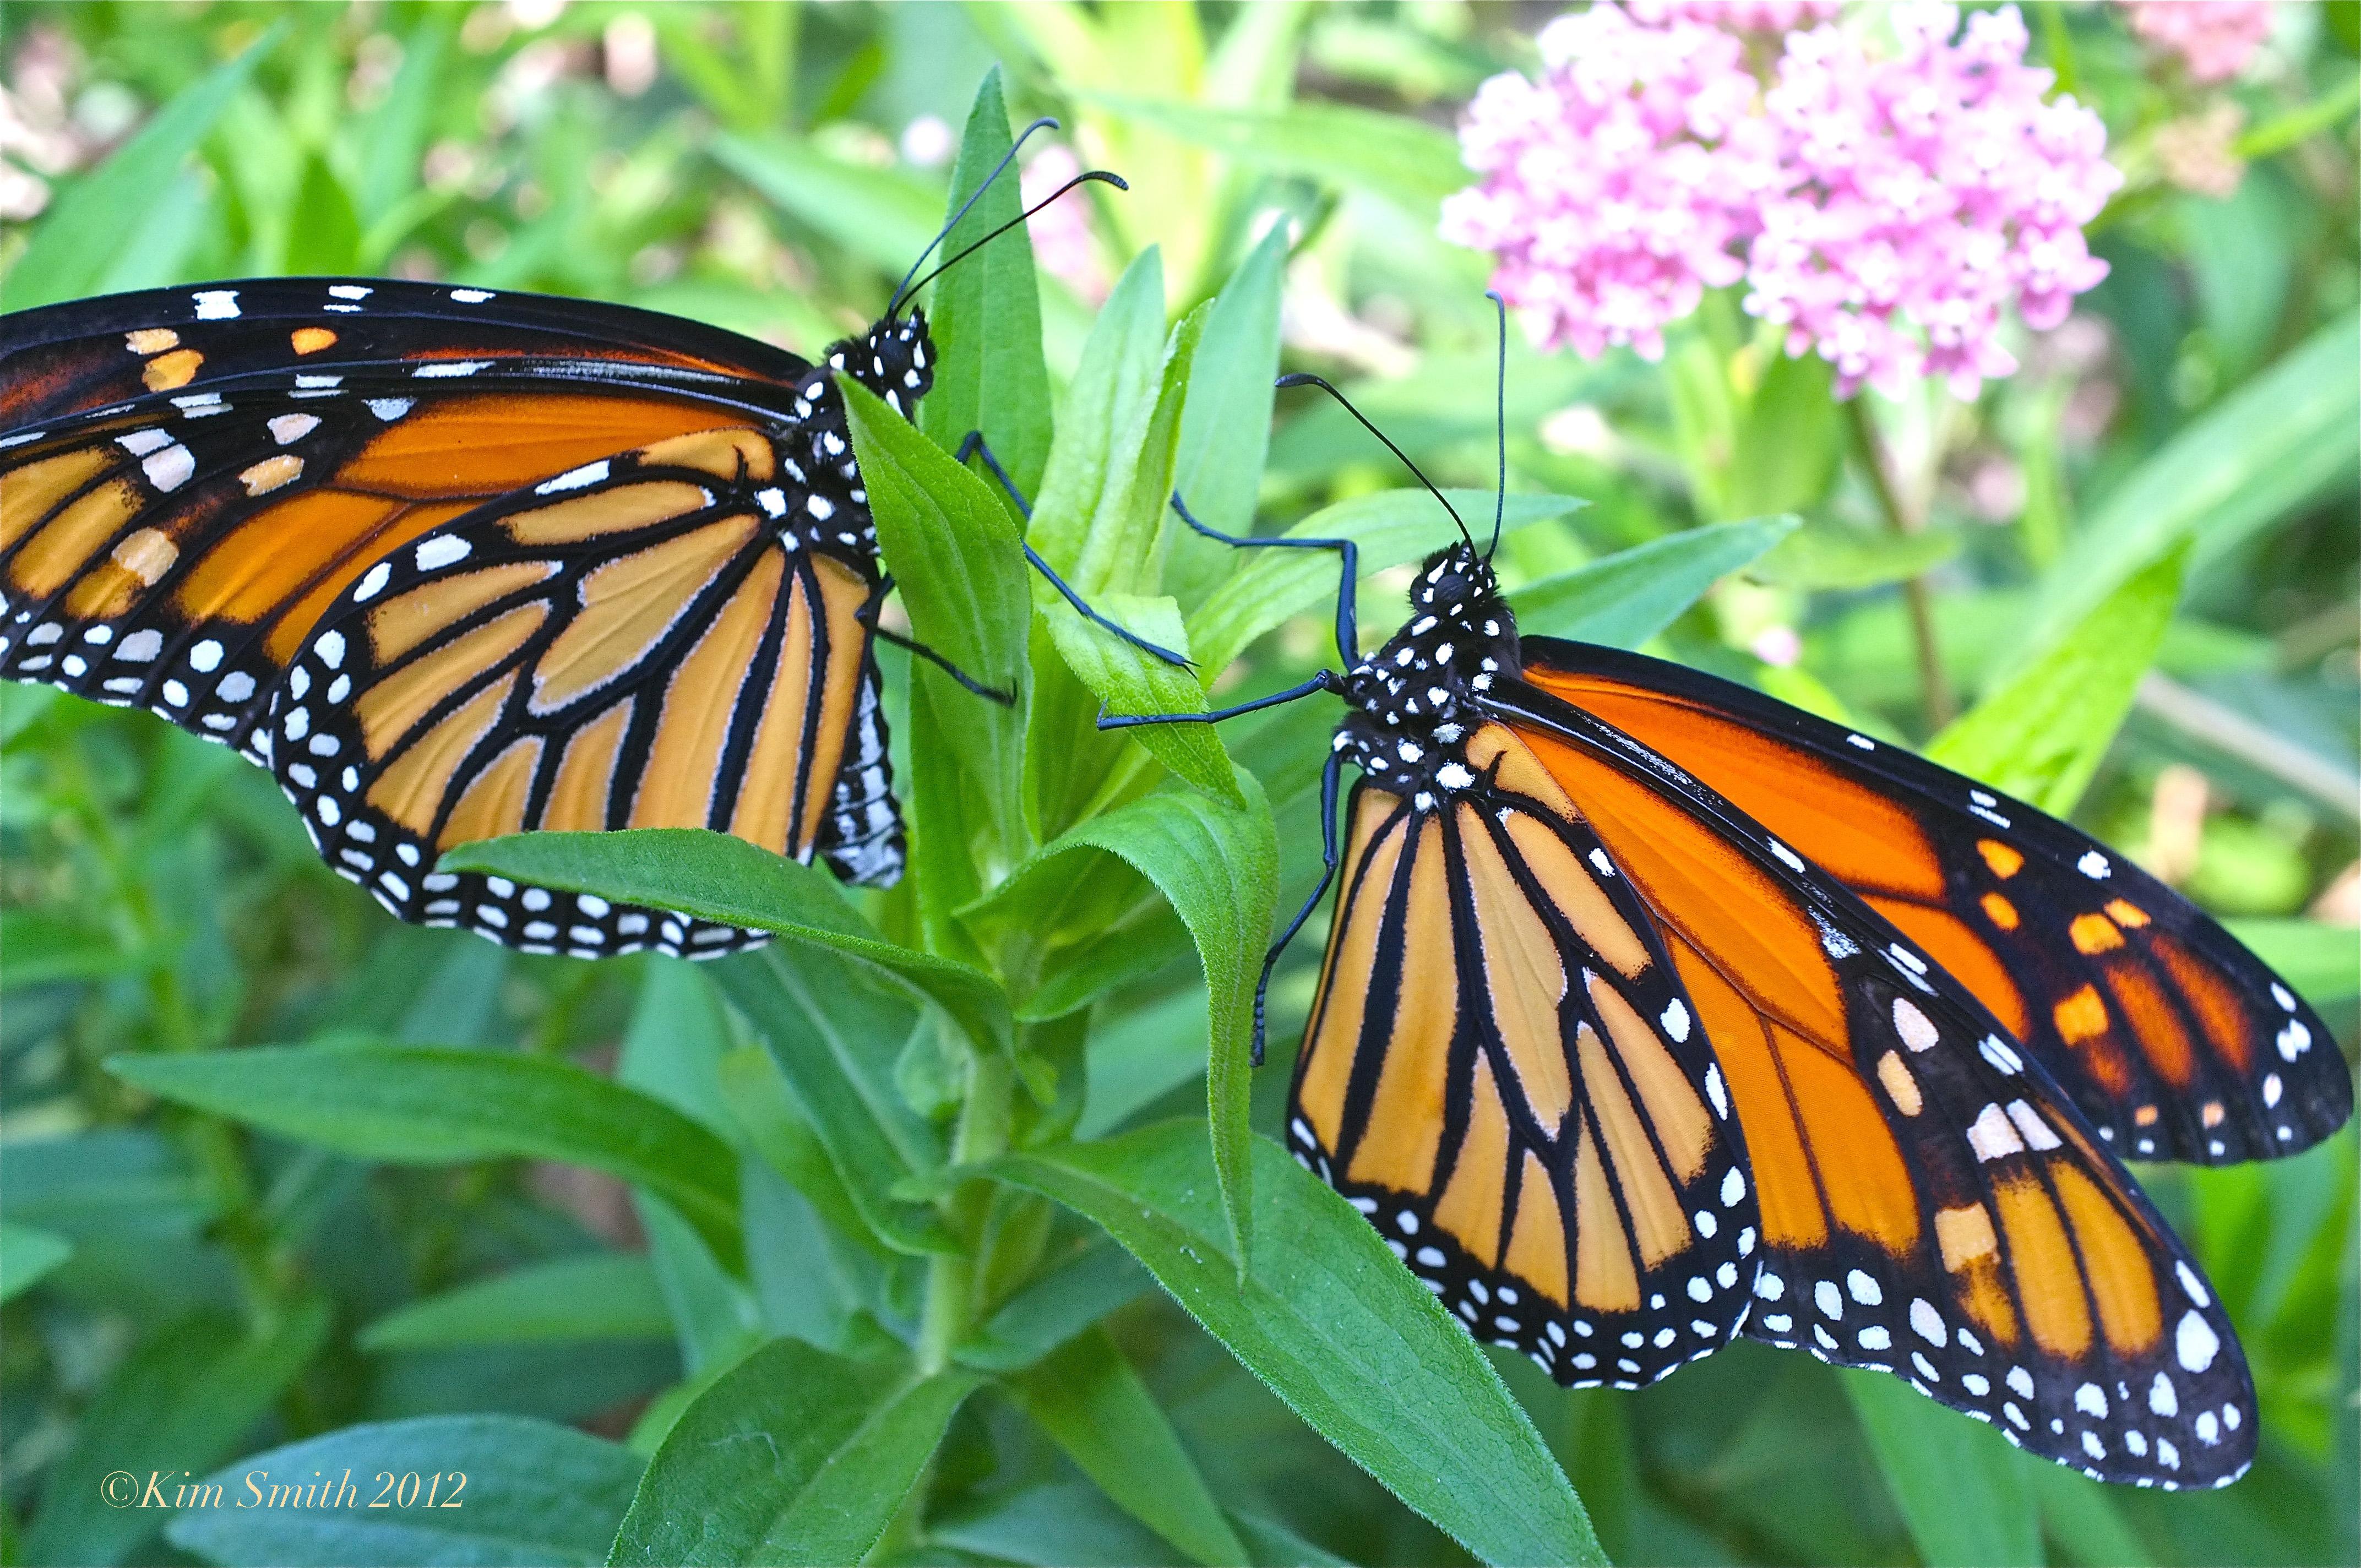 Male Female Monarch Butterfly Marsh Milkweed 2 C2a9kim